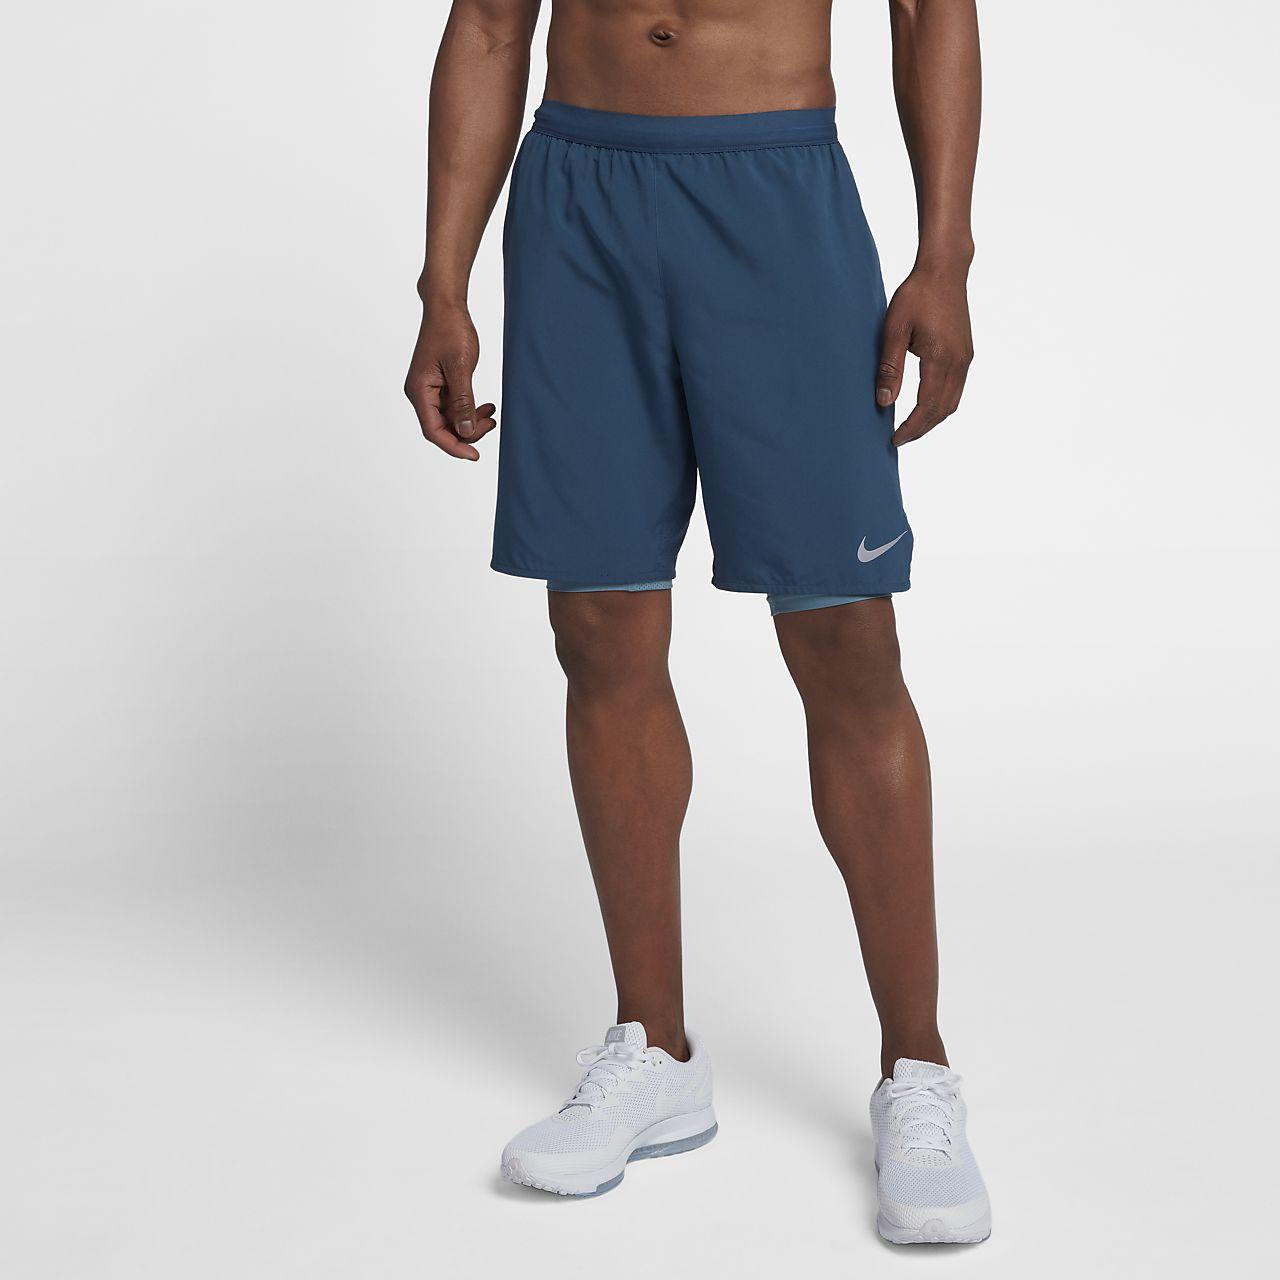 Nike Flex Stride 2-in-1-Laufshorts für Herren (ca. 12,5 cm) - Blau